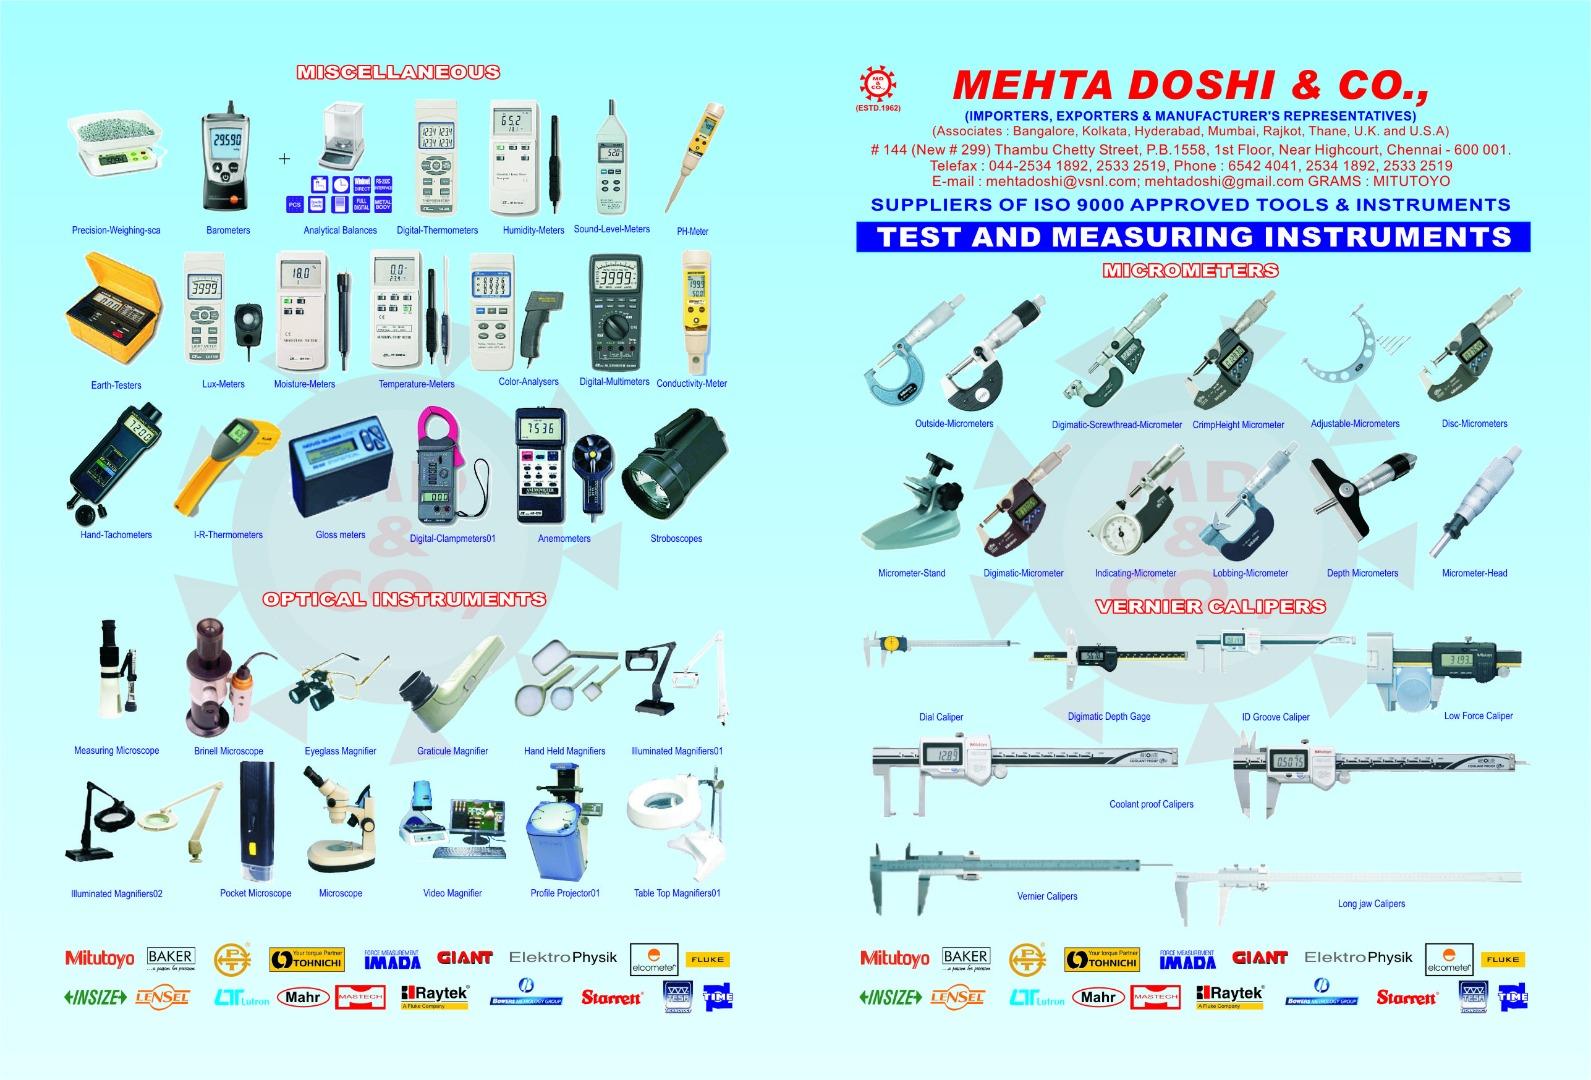 MEHTA DOSHI & CO Contact us: 044 25332519